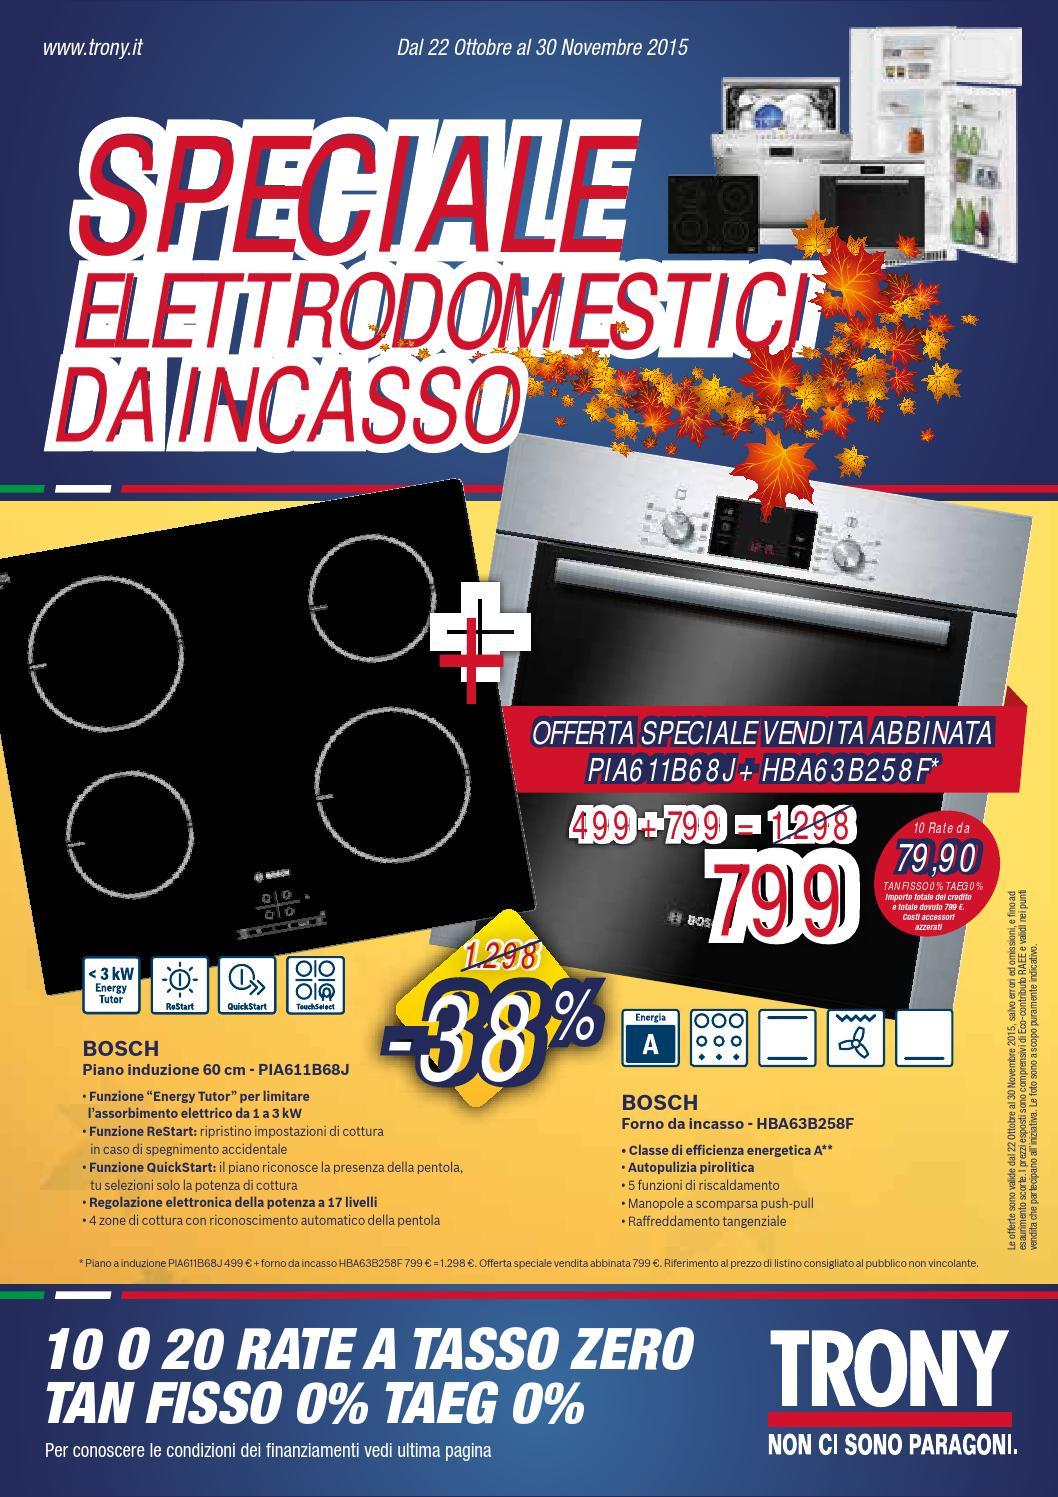 Speciale Elettrodomestici da Incasso Trony by Leonardelli ...